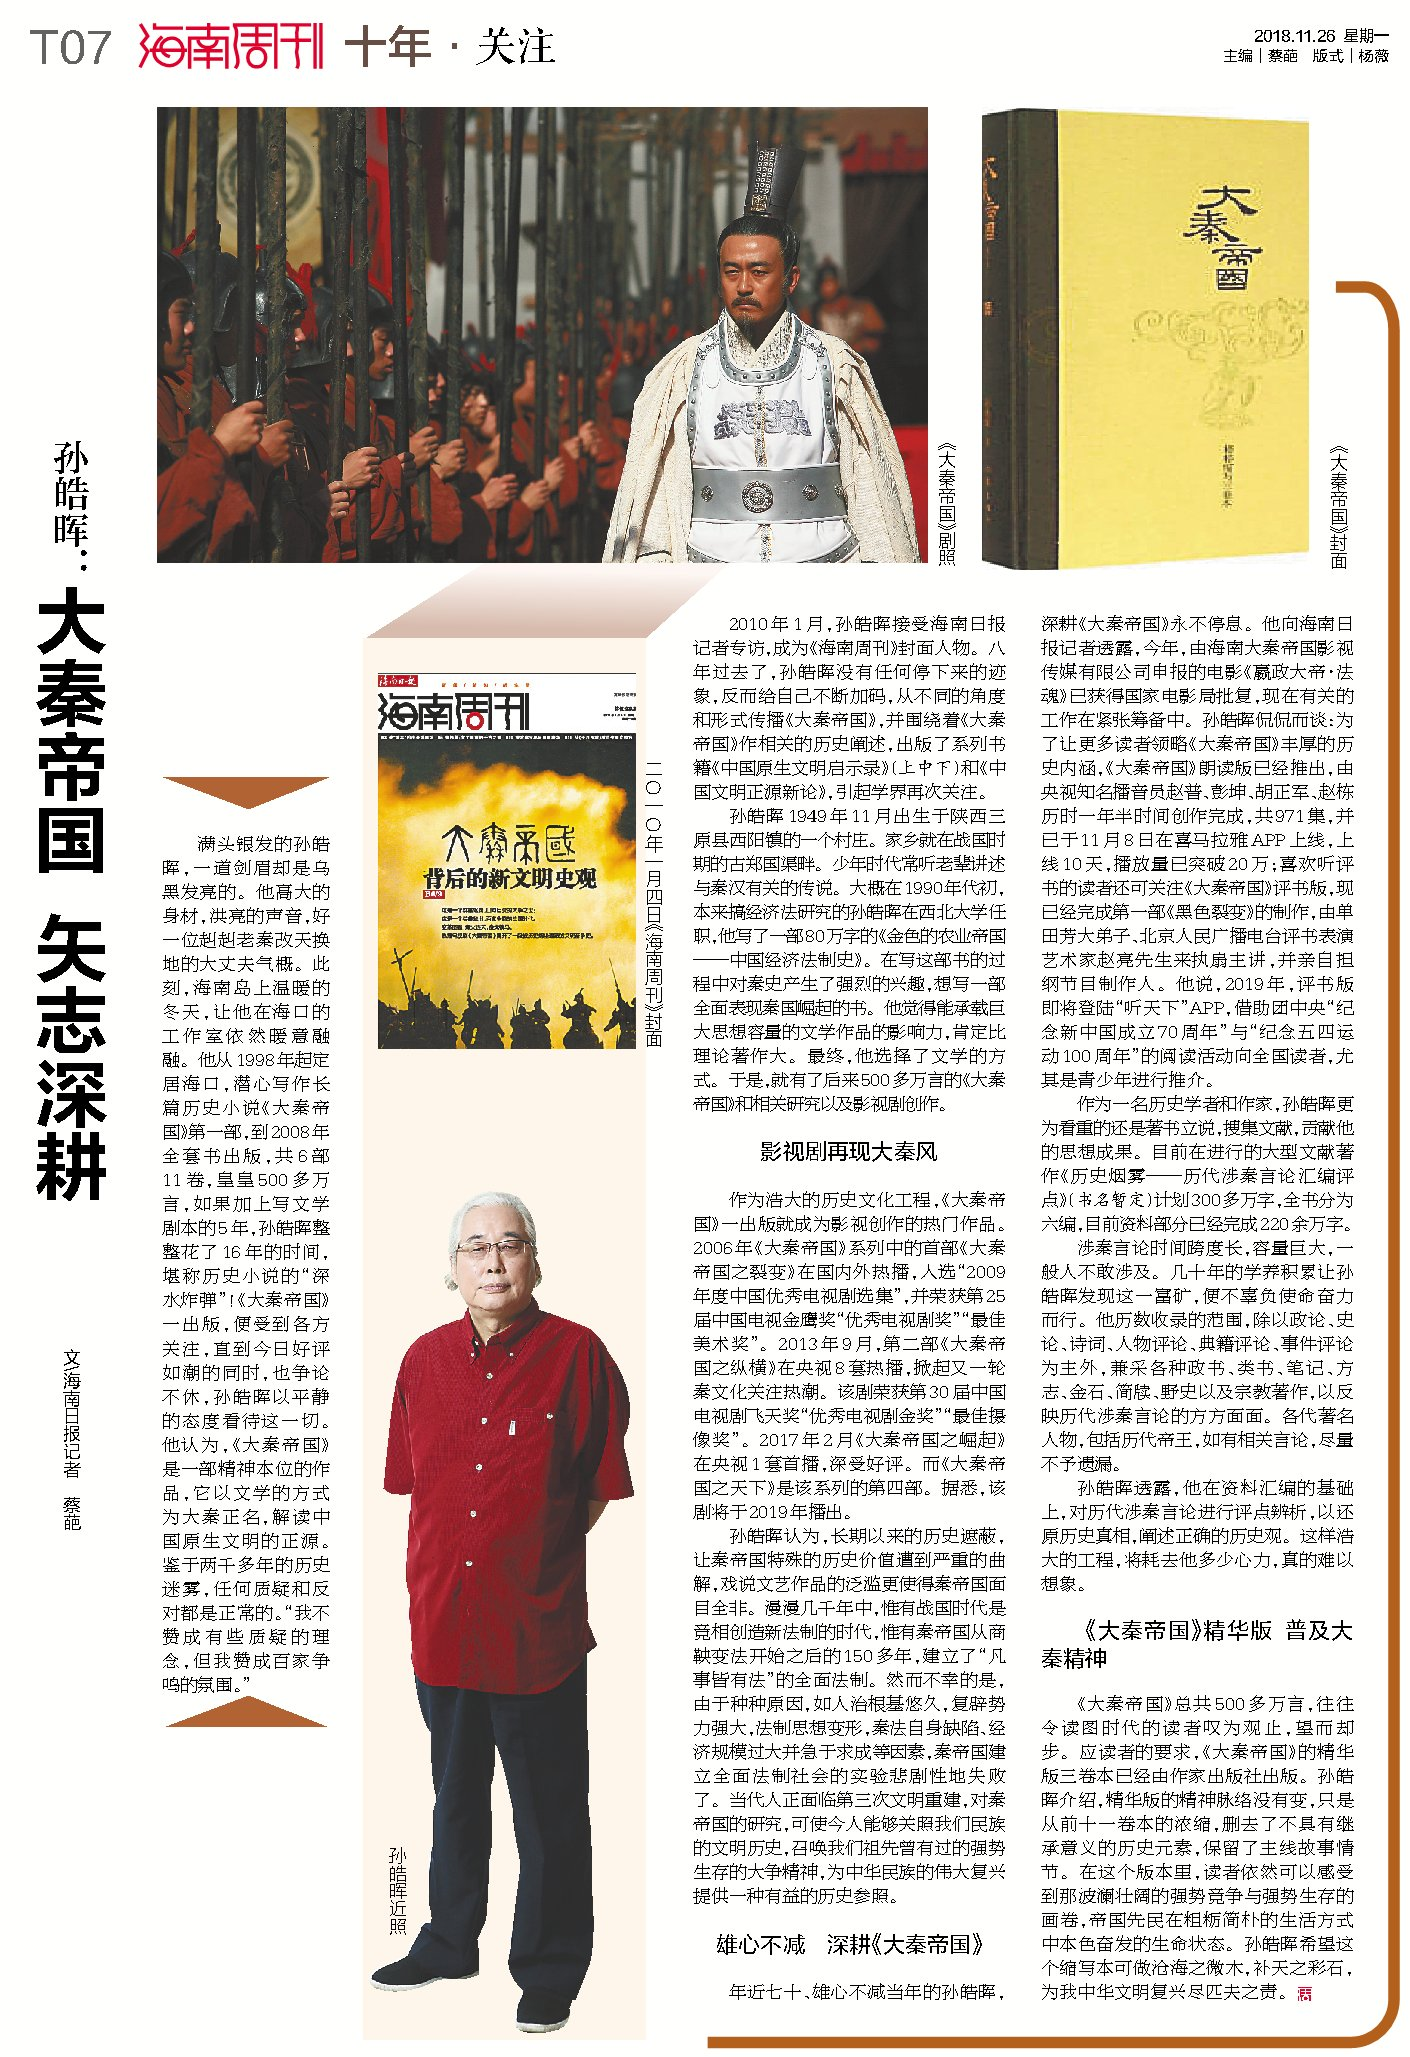 海南周刊十年·关注丨孙皓晖:大秦帝国矢志深耕